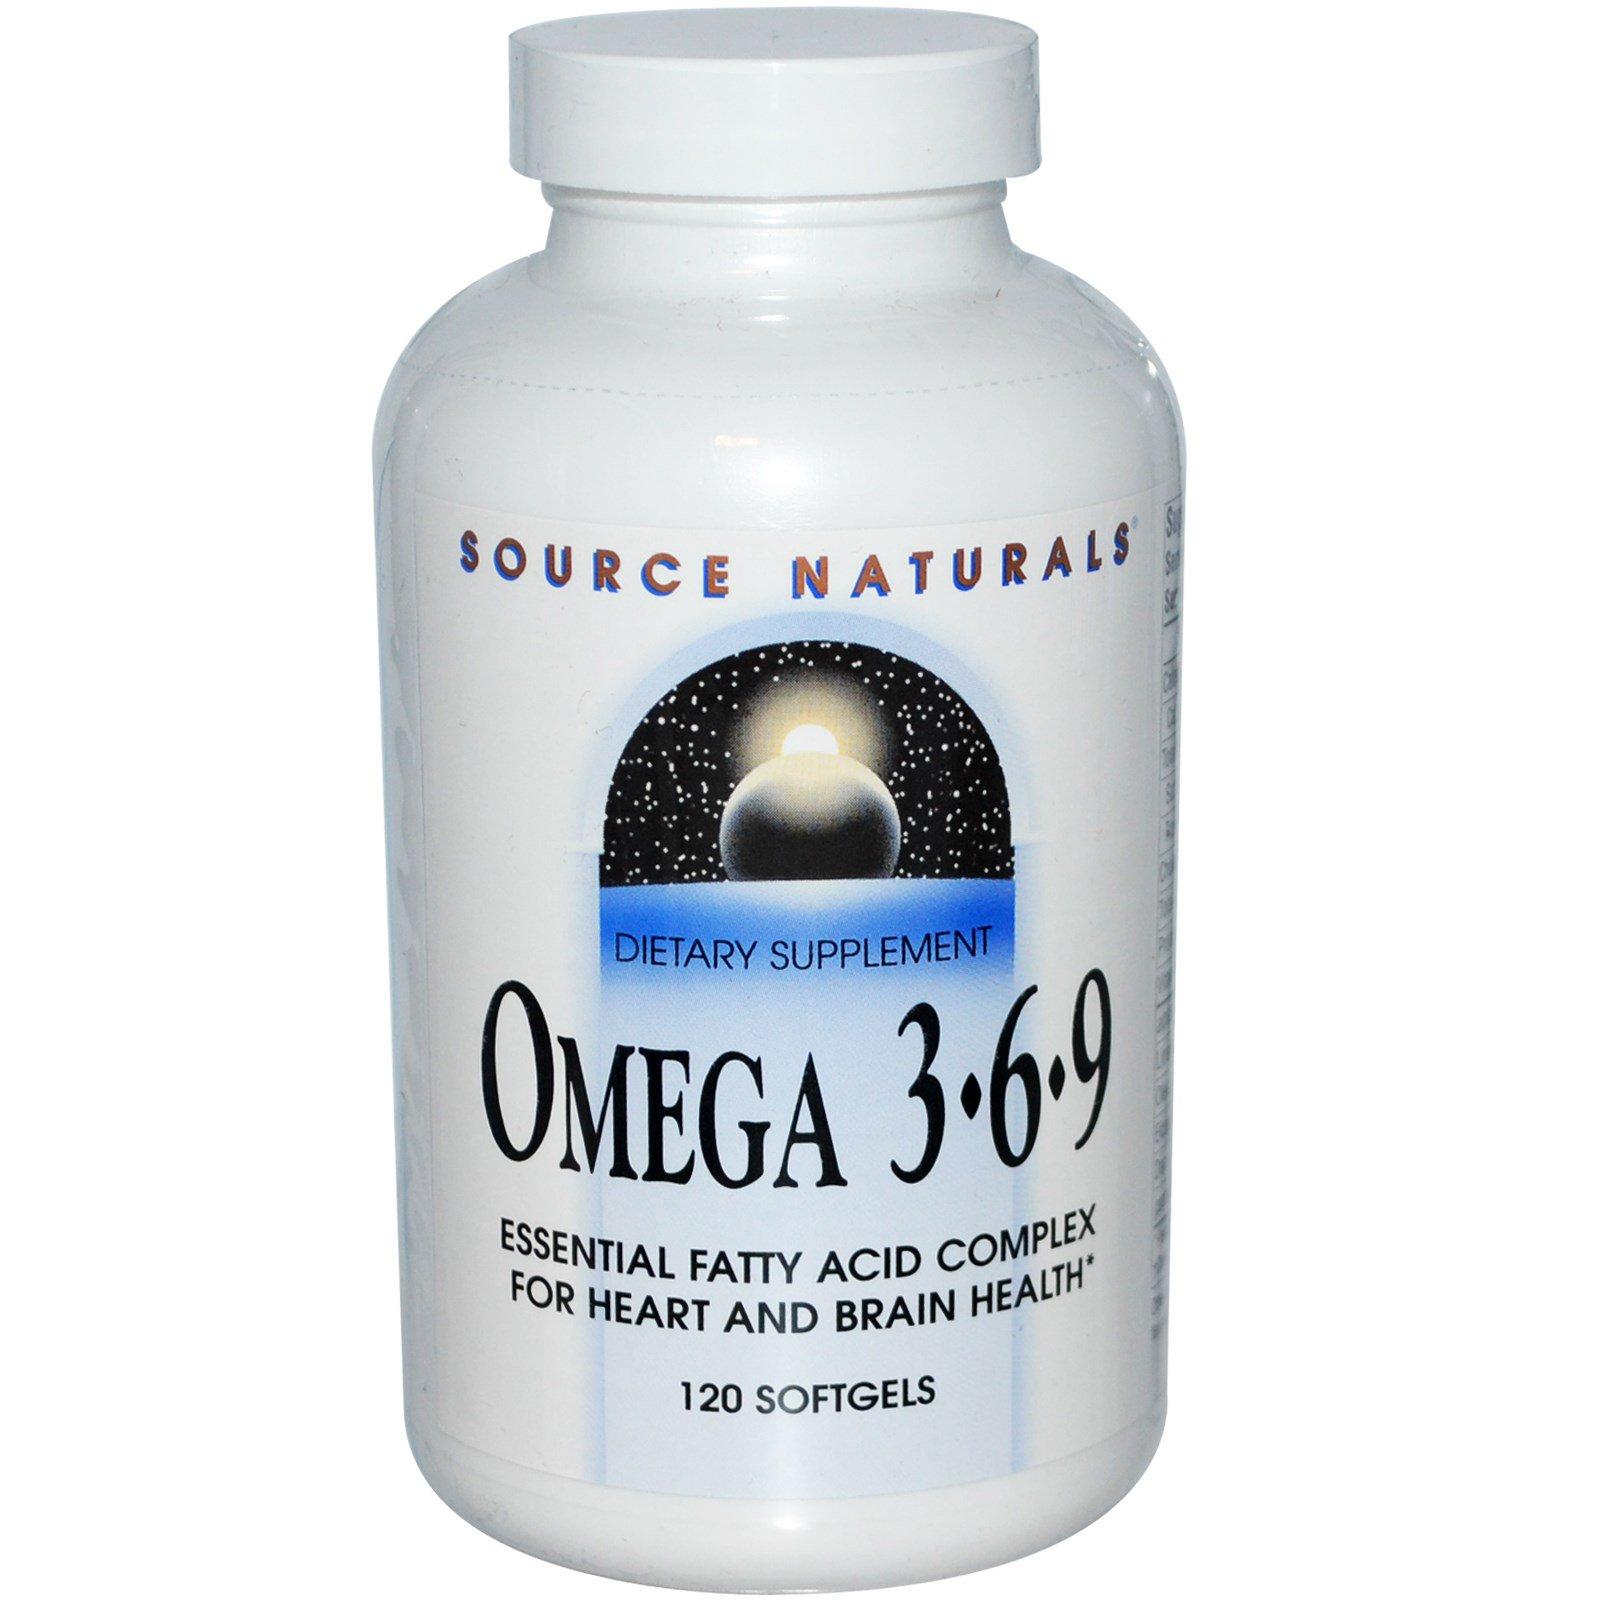 Source Naturals, Omega 3·6·9, 120 Softgels